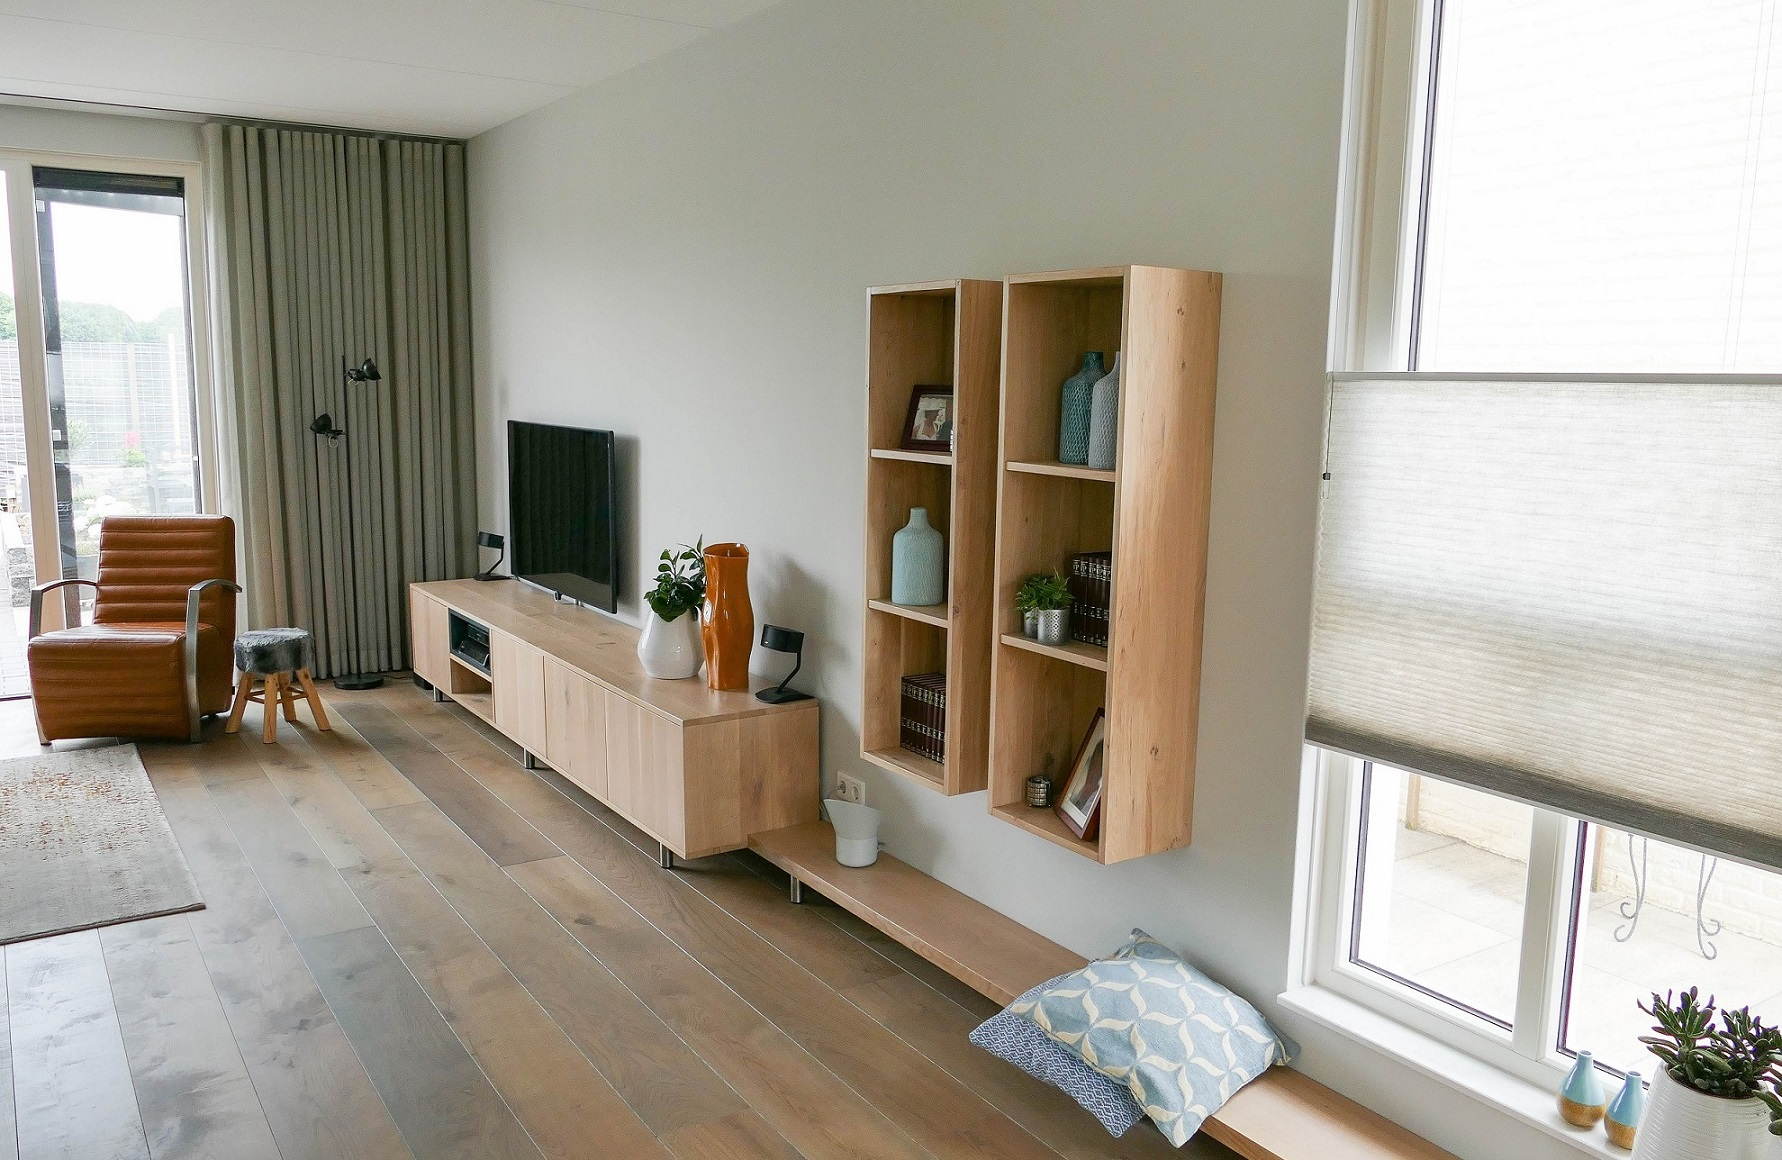 Meubelontwerp MB Homedesign